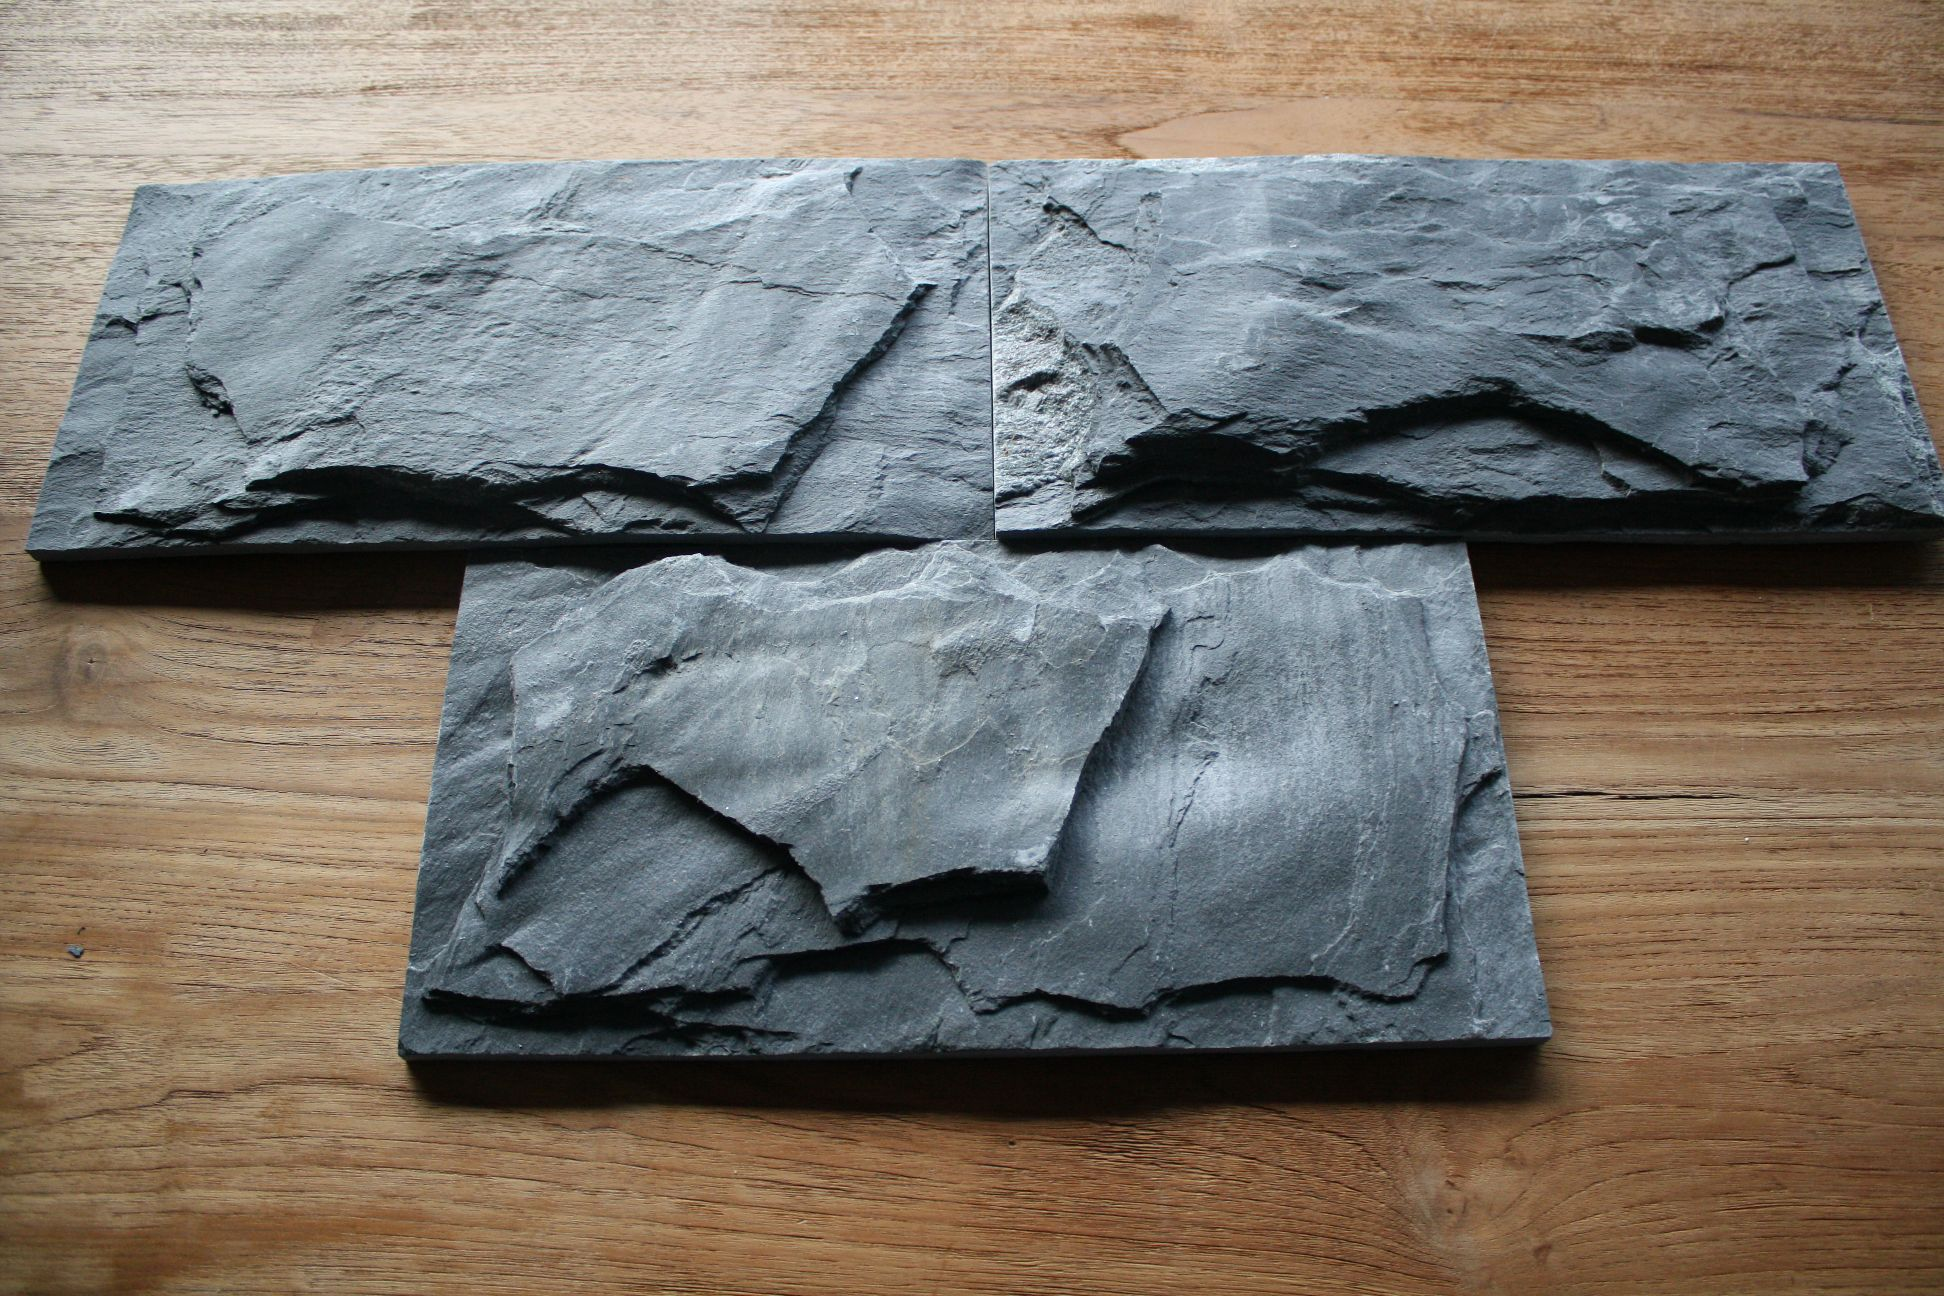 Wand Stein Preis :  Gelegenheit etwas ganz Besonderes zu einem Hammer Preis zu ergattern